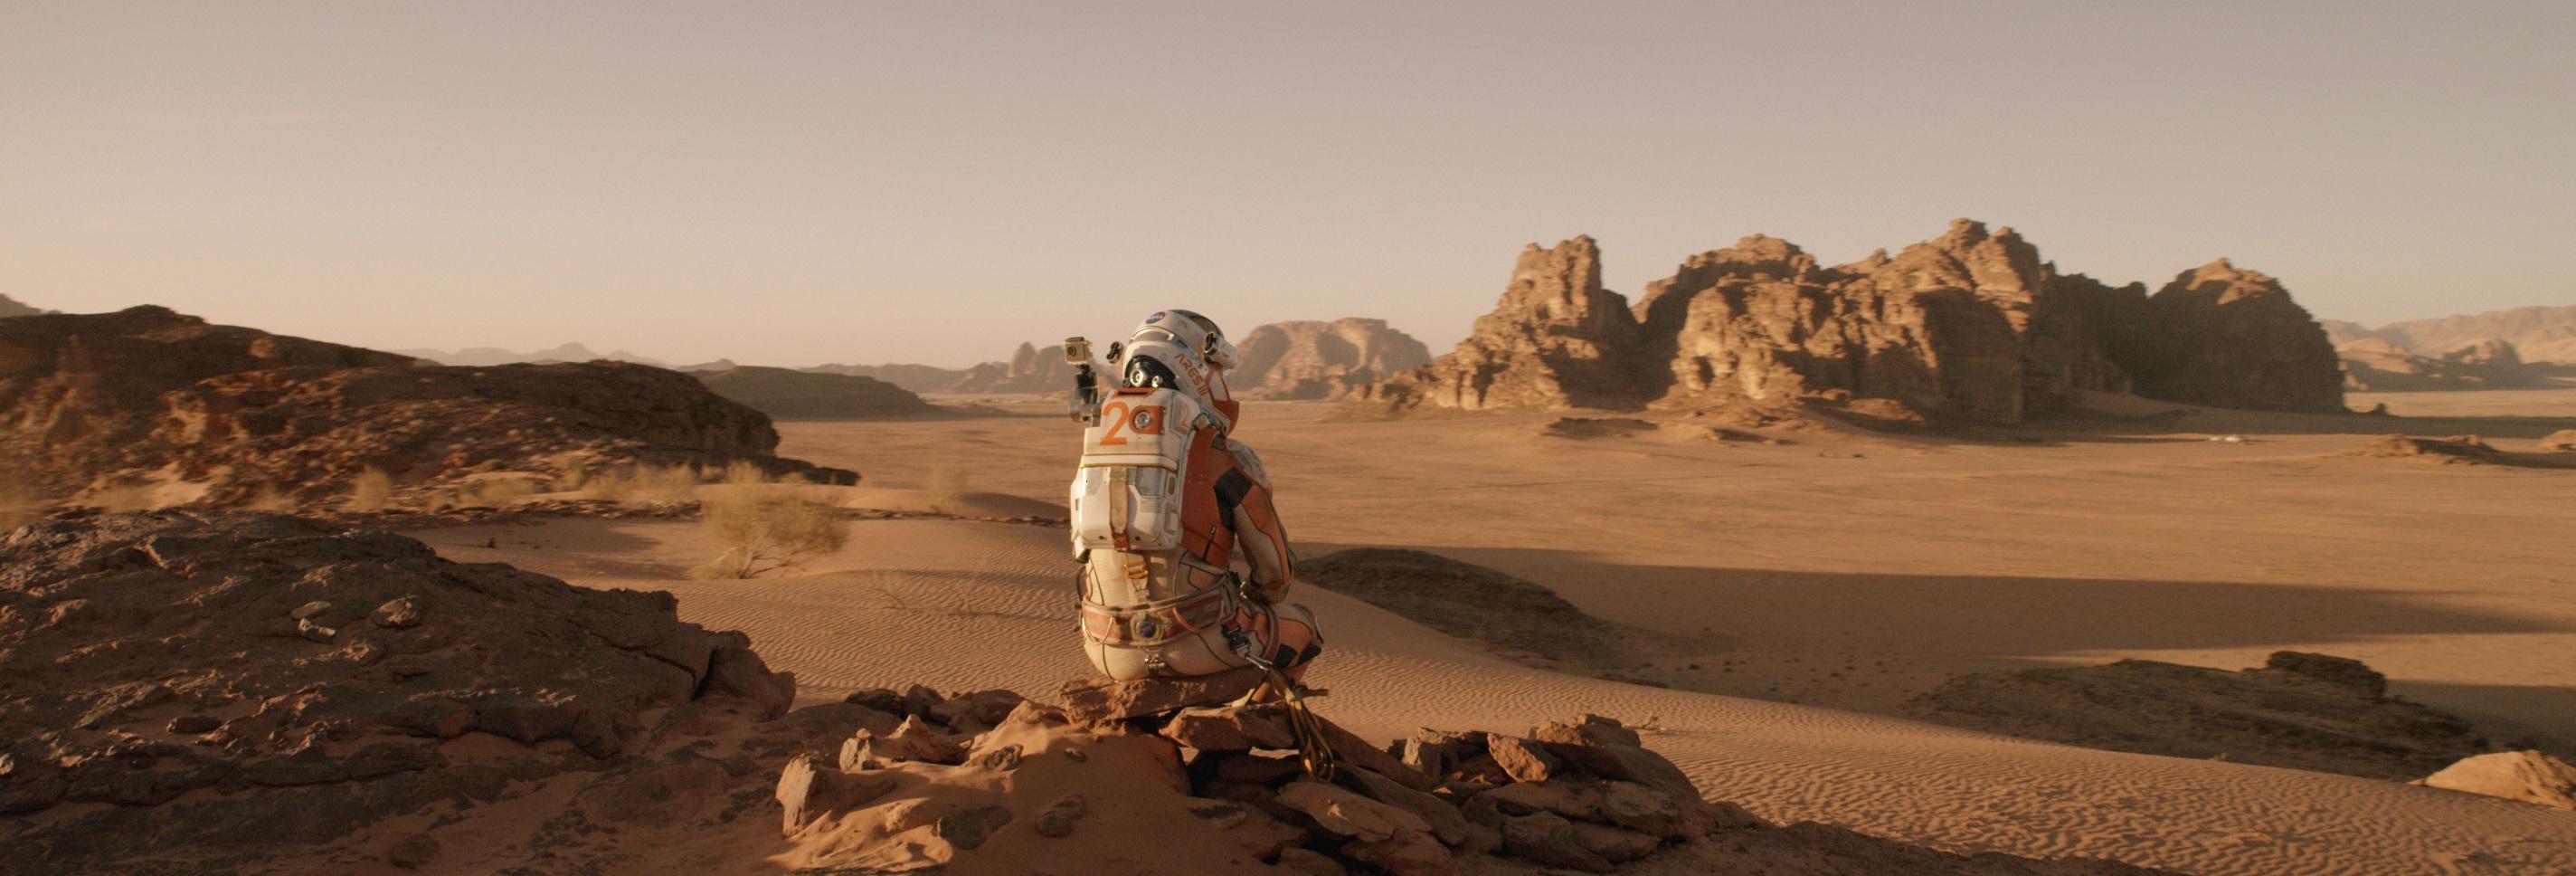 The Martian - film 2015 - i film migliori del 2015 da vedere assolutamente